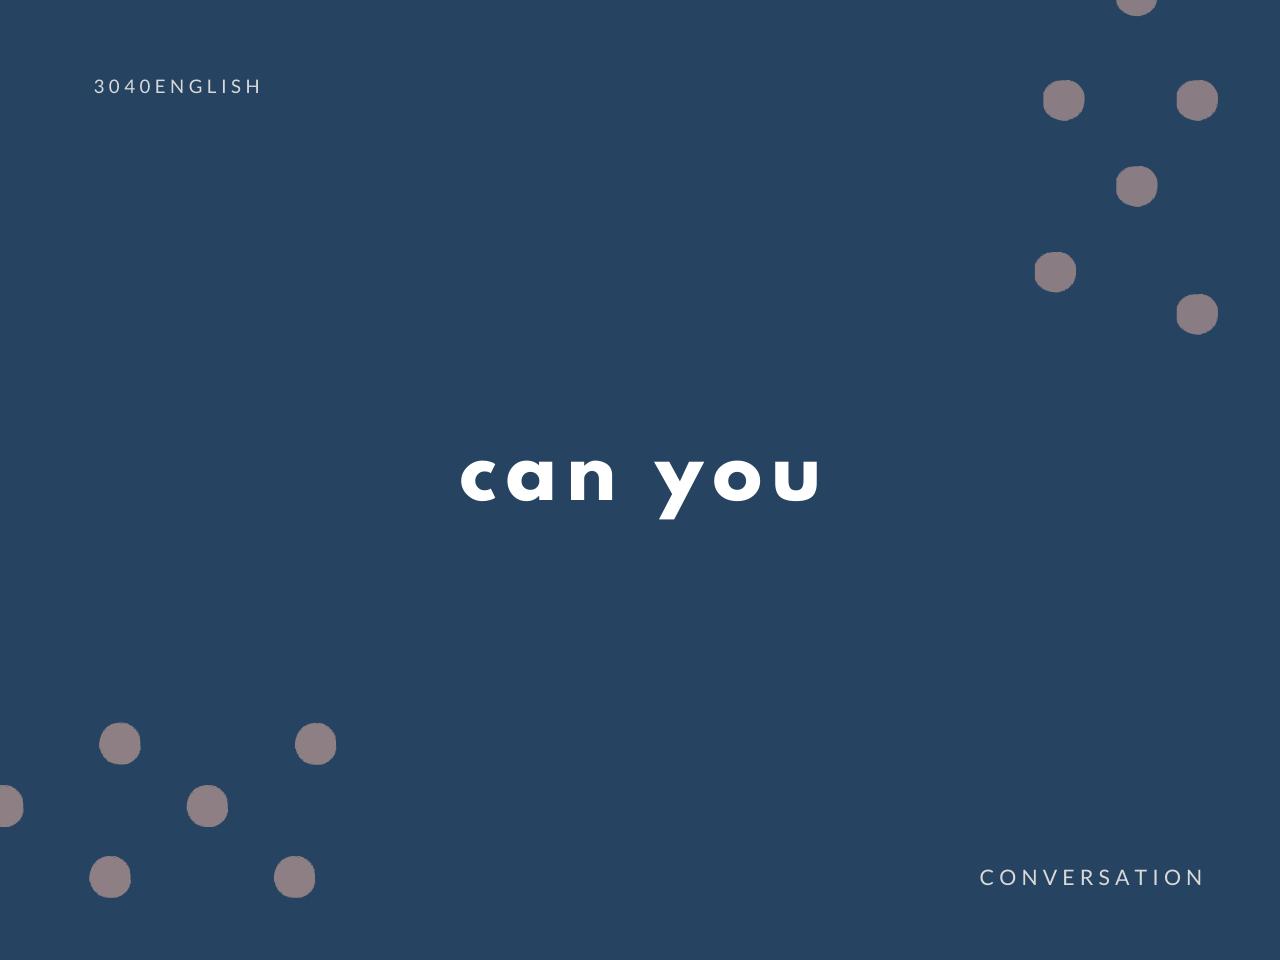 英会話で便利な Can you ~ の英語表現8選【例文あり】